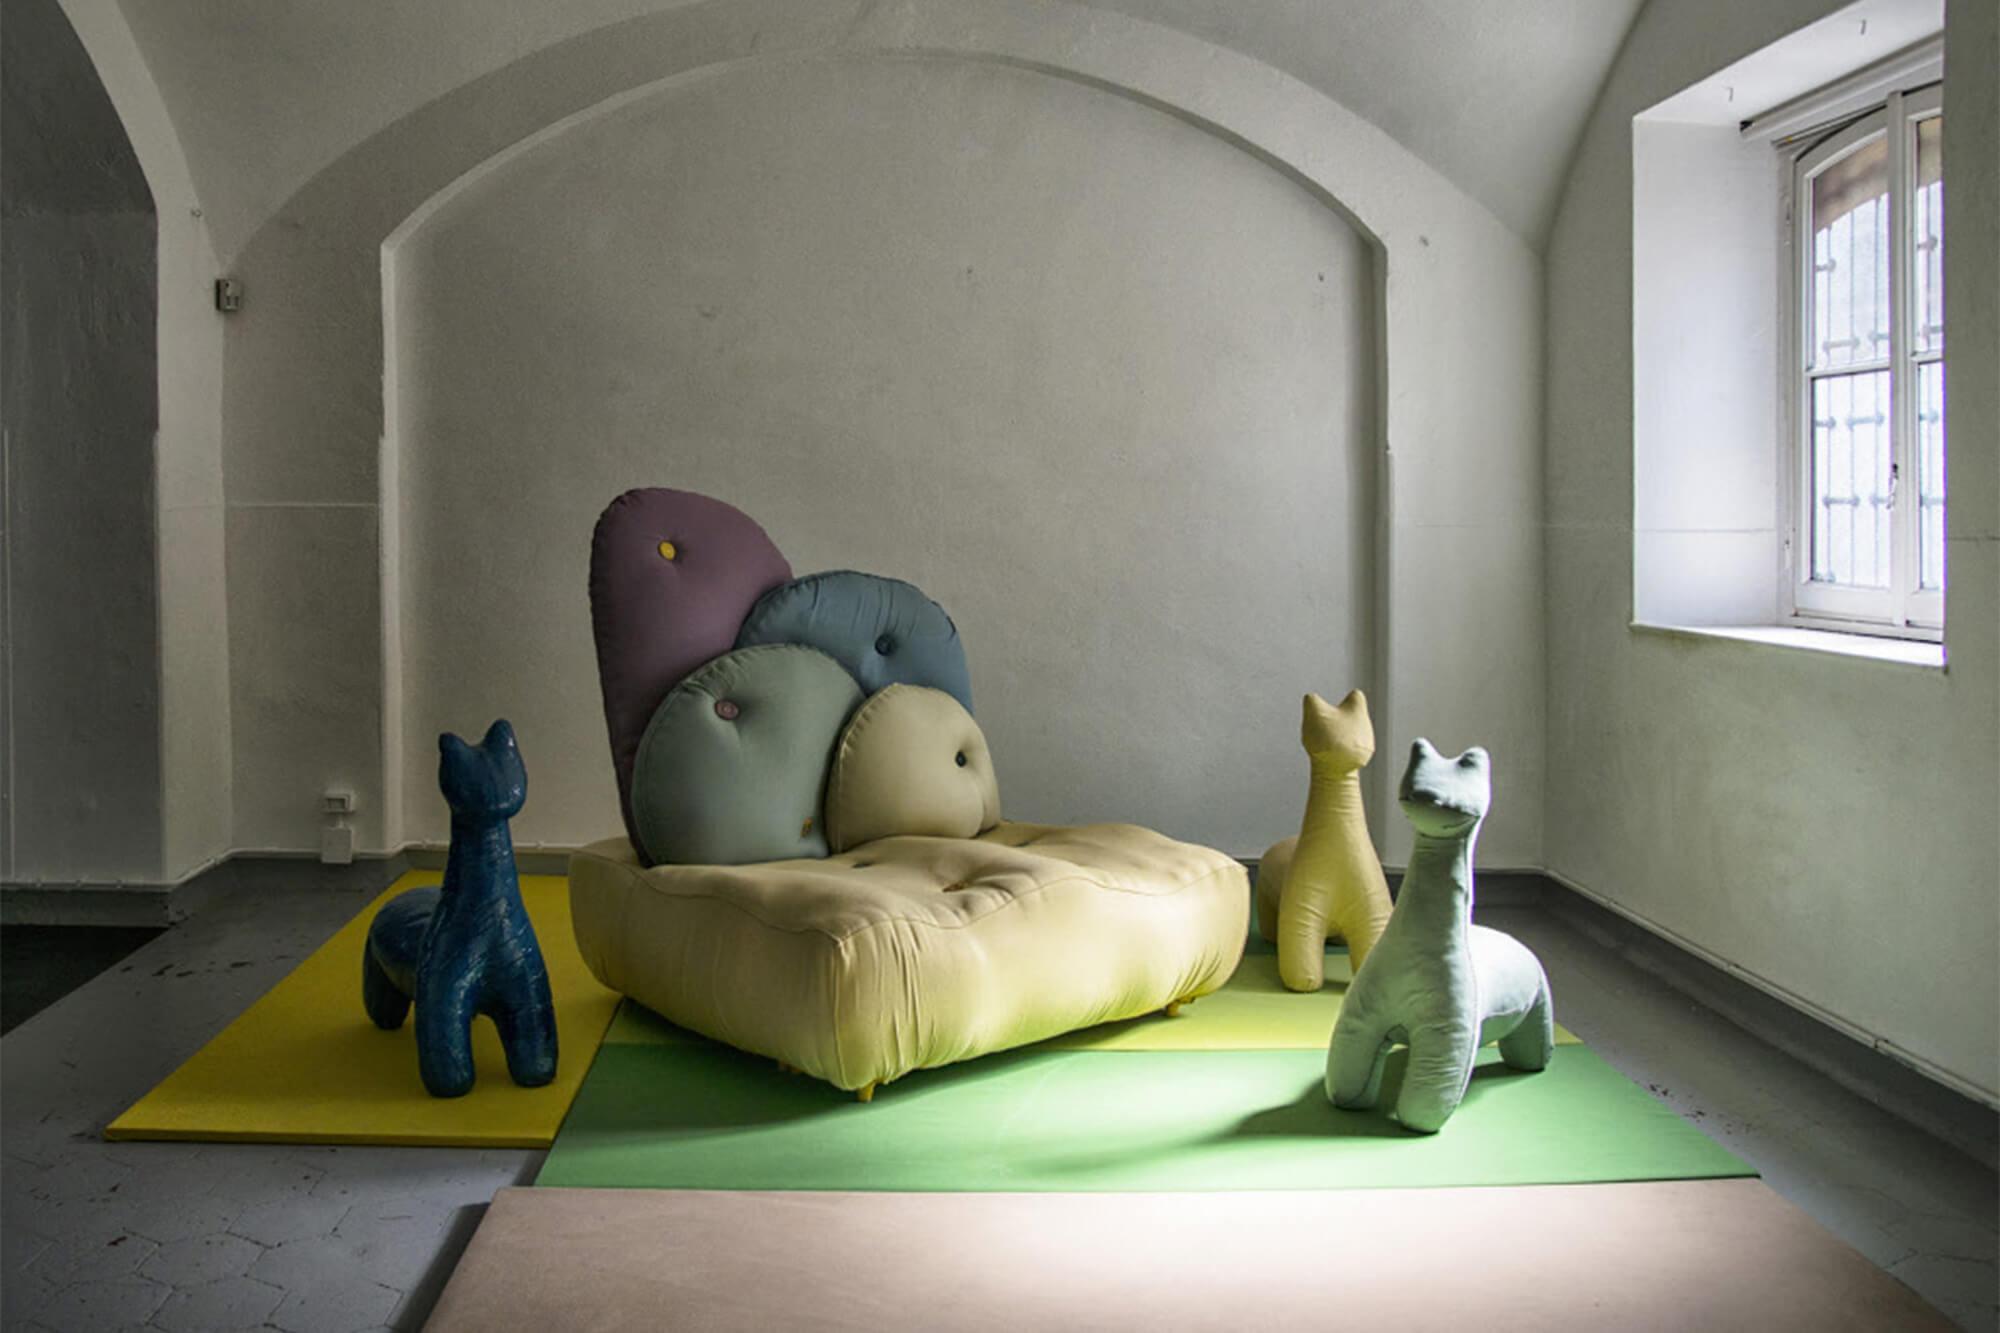 Peças feitas com tecidos Sunbrella na galeria Rossana Orlandi, em Milão